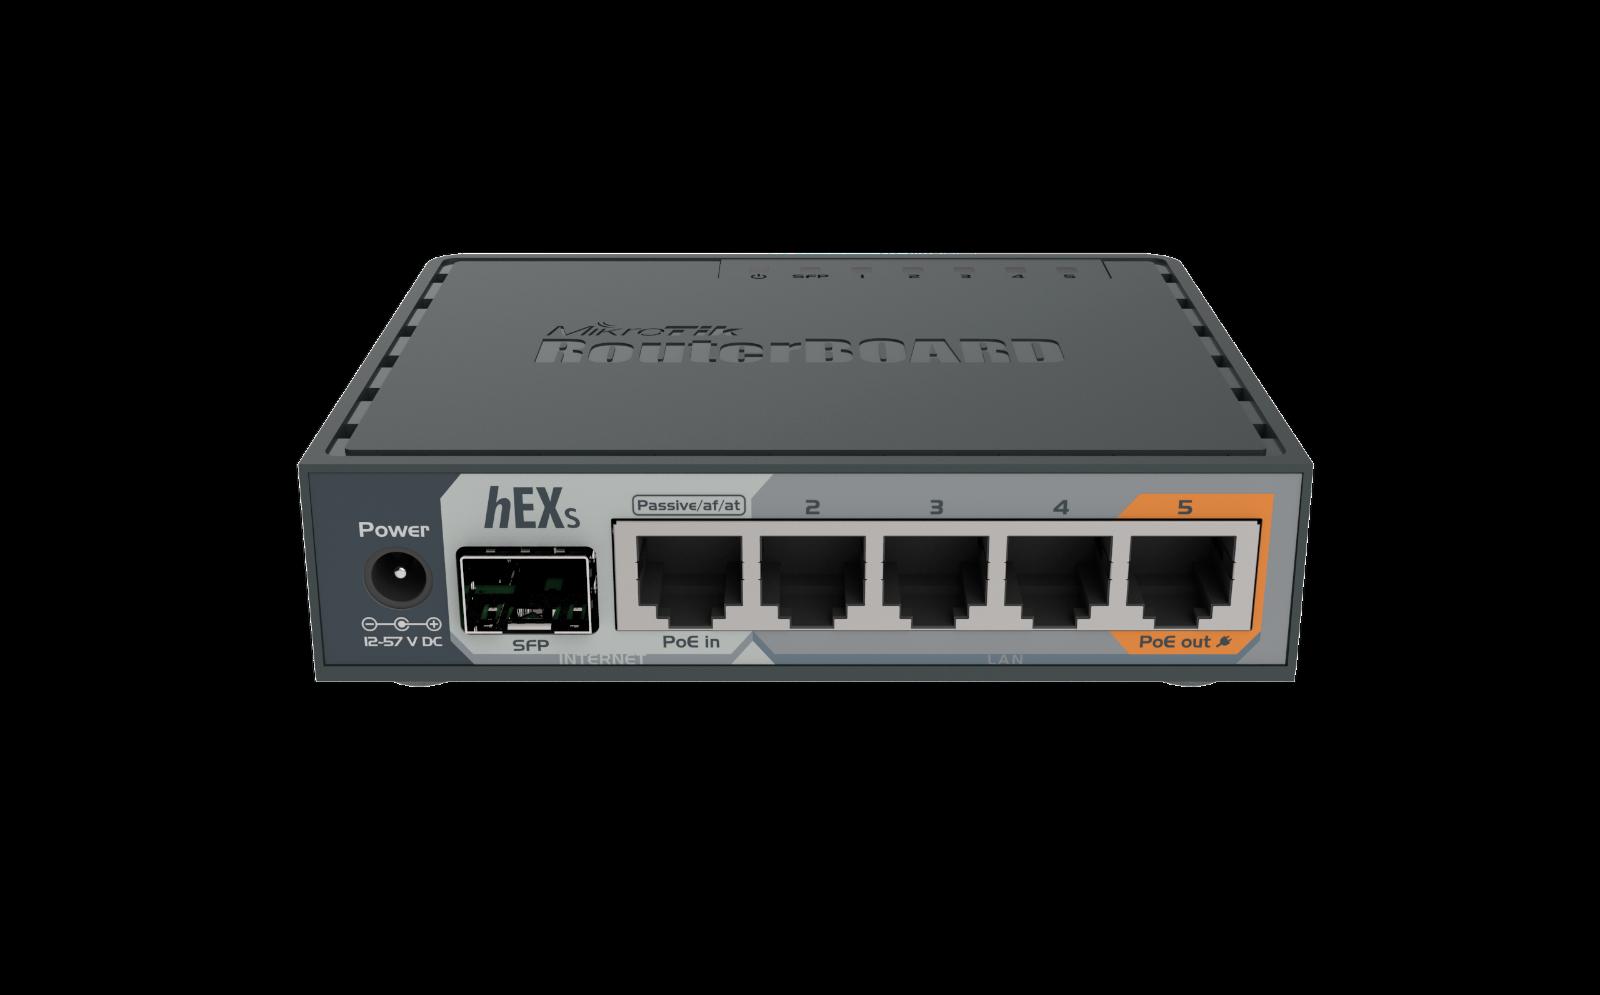 Mikrotik hEX S RB760iGS Ethernet Router 5xGbit LAN, 1xPOE, 1